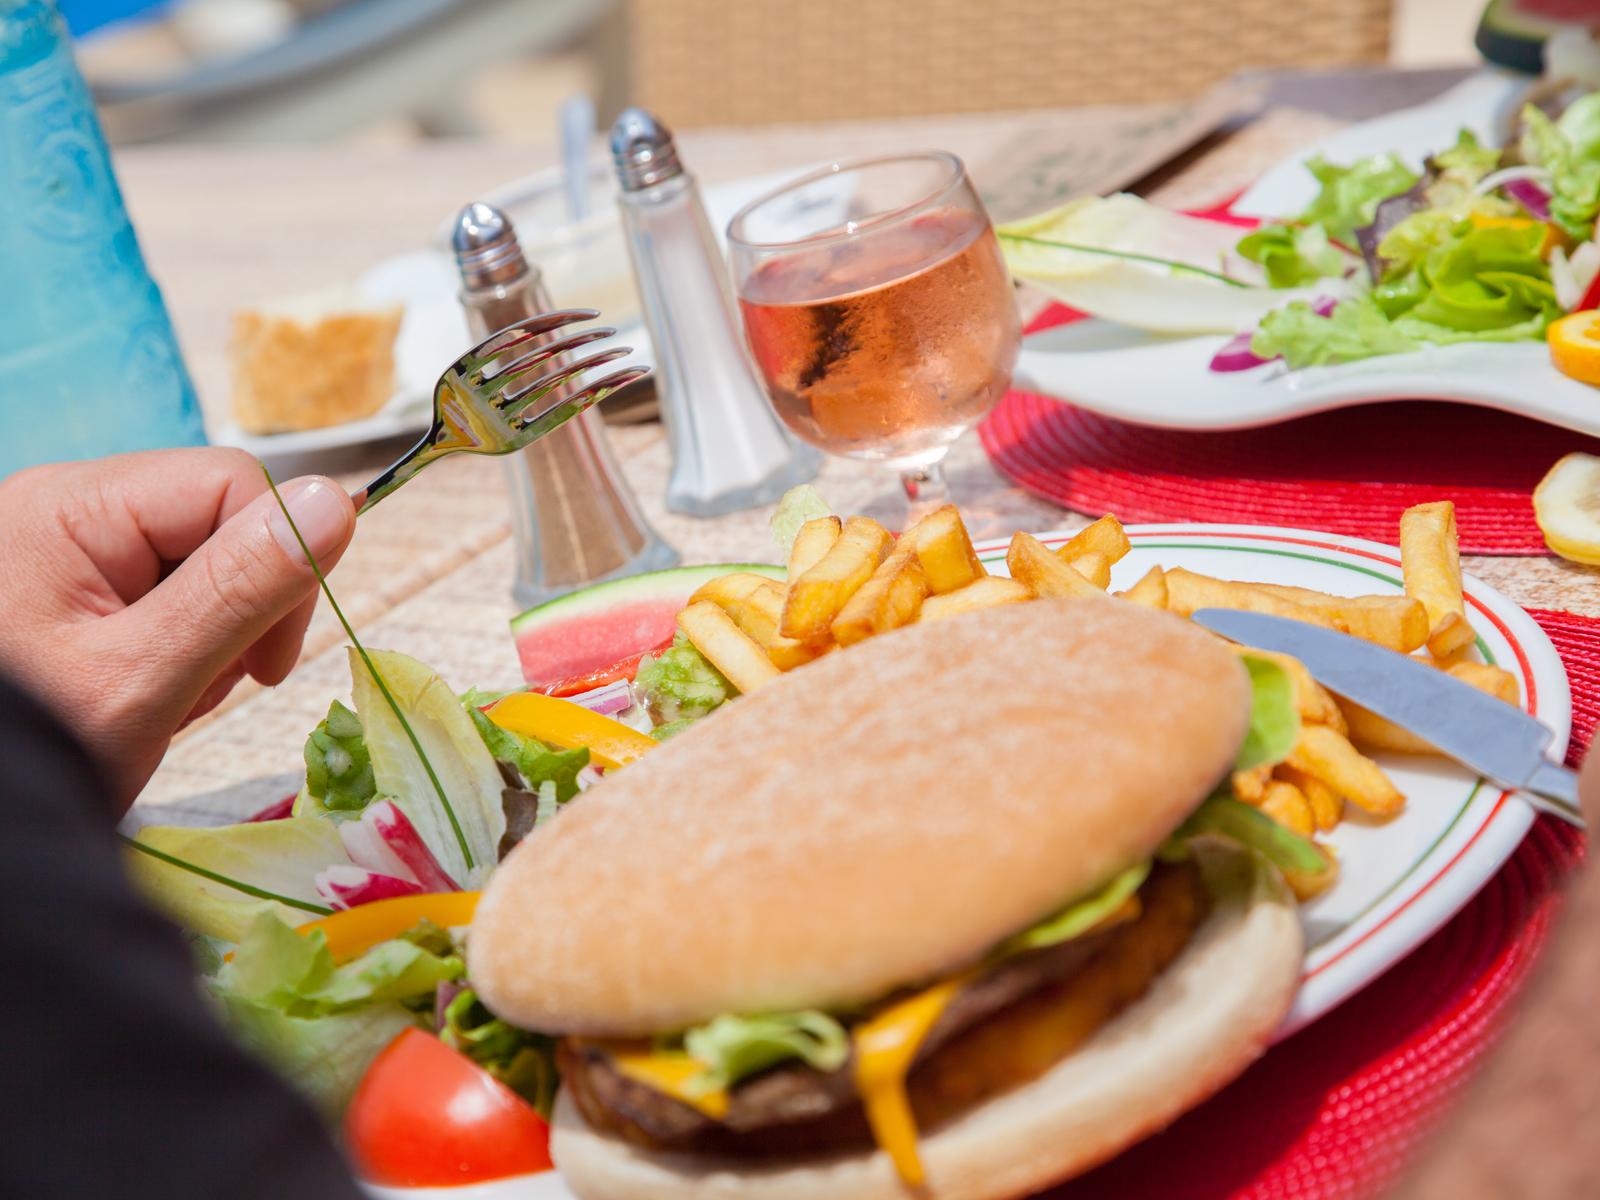 Bien connu Camping Club Farret, Languedoc-Roussillon |Bar et restauration TG88